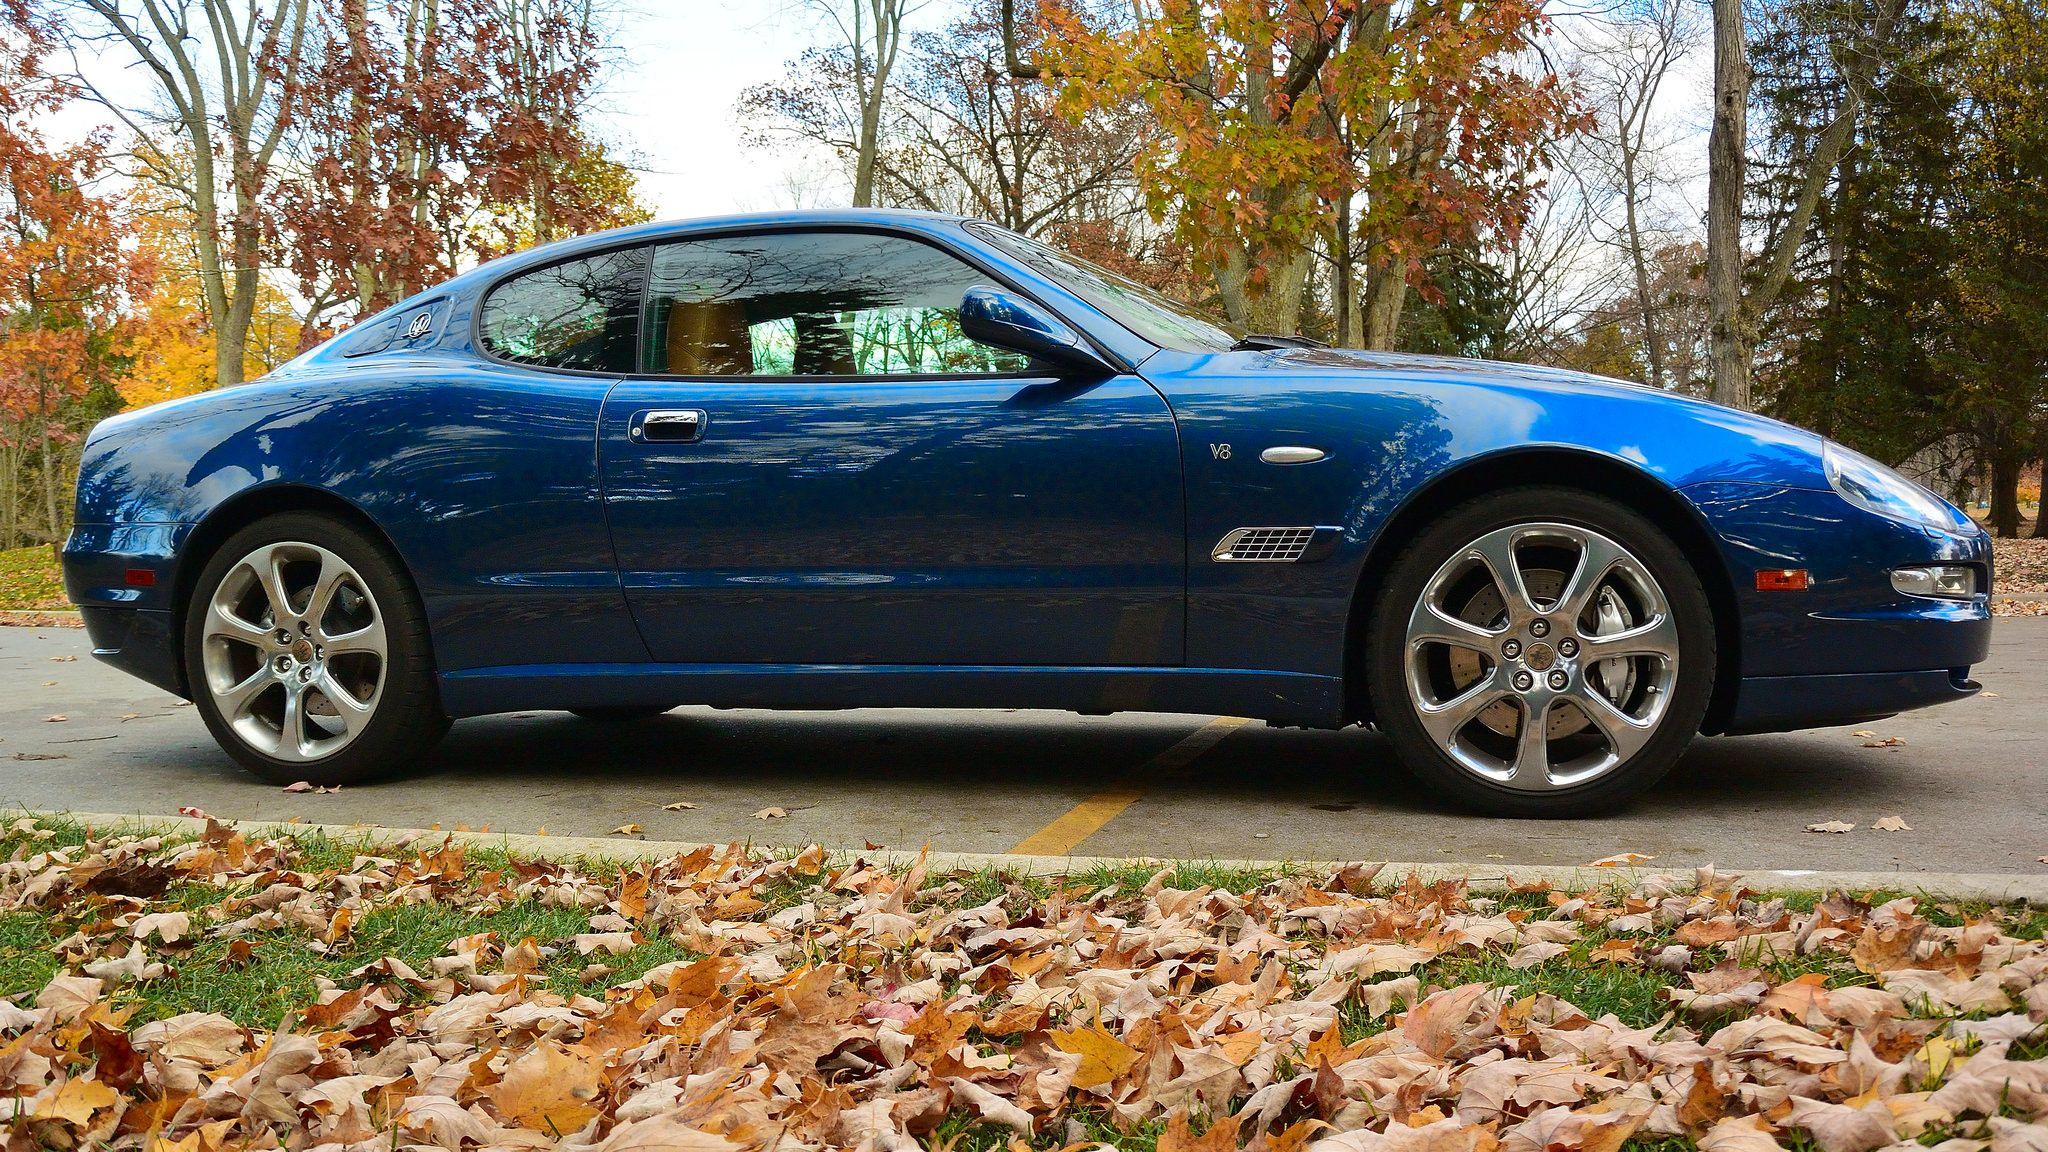 2005 Maserati Cambiocorsa Coupe | MASERATI | Pinterest | Maserati ...